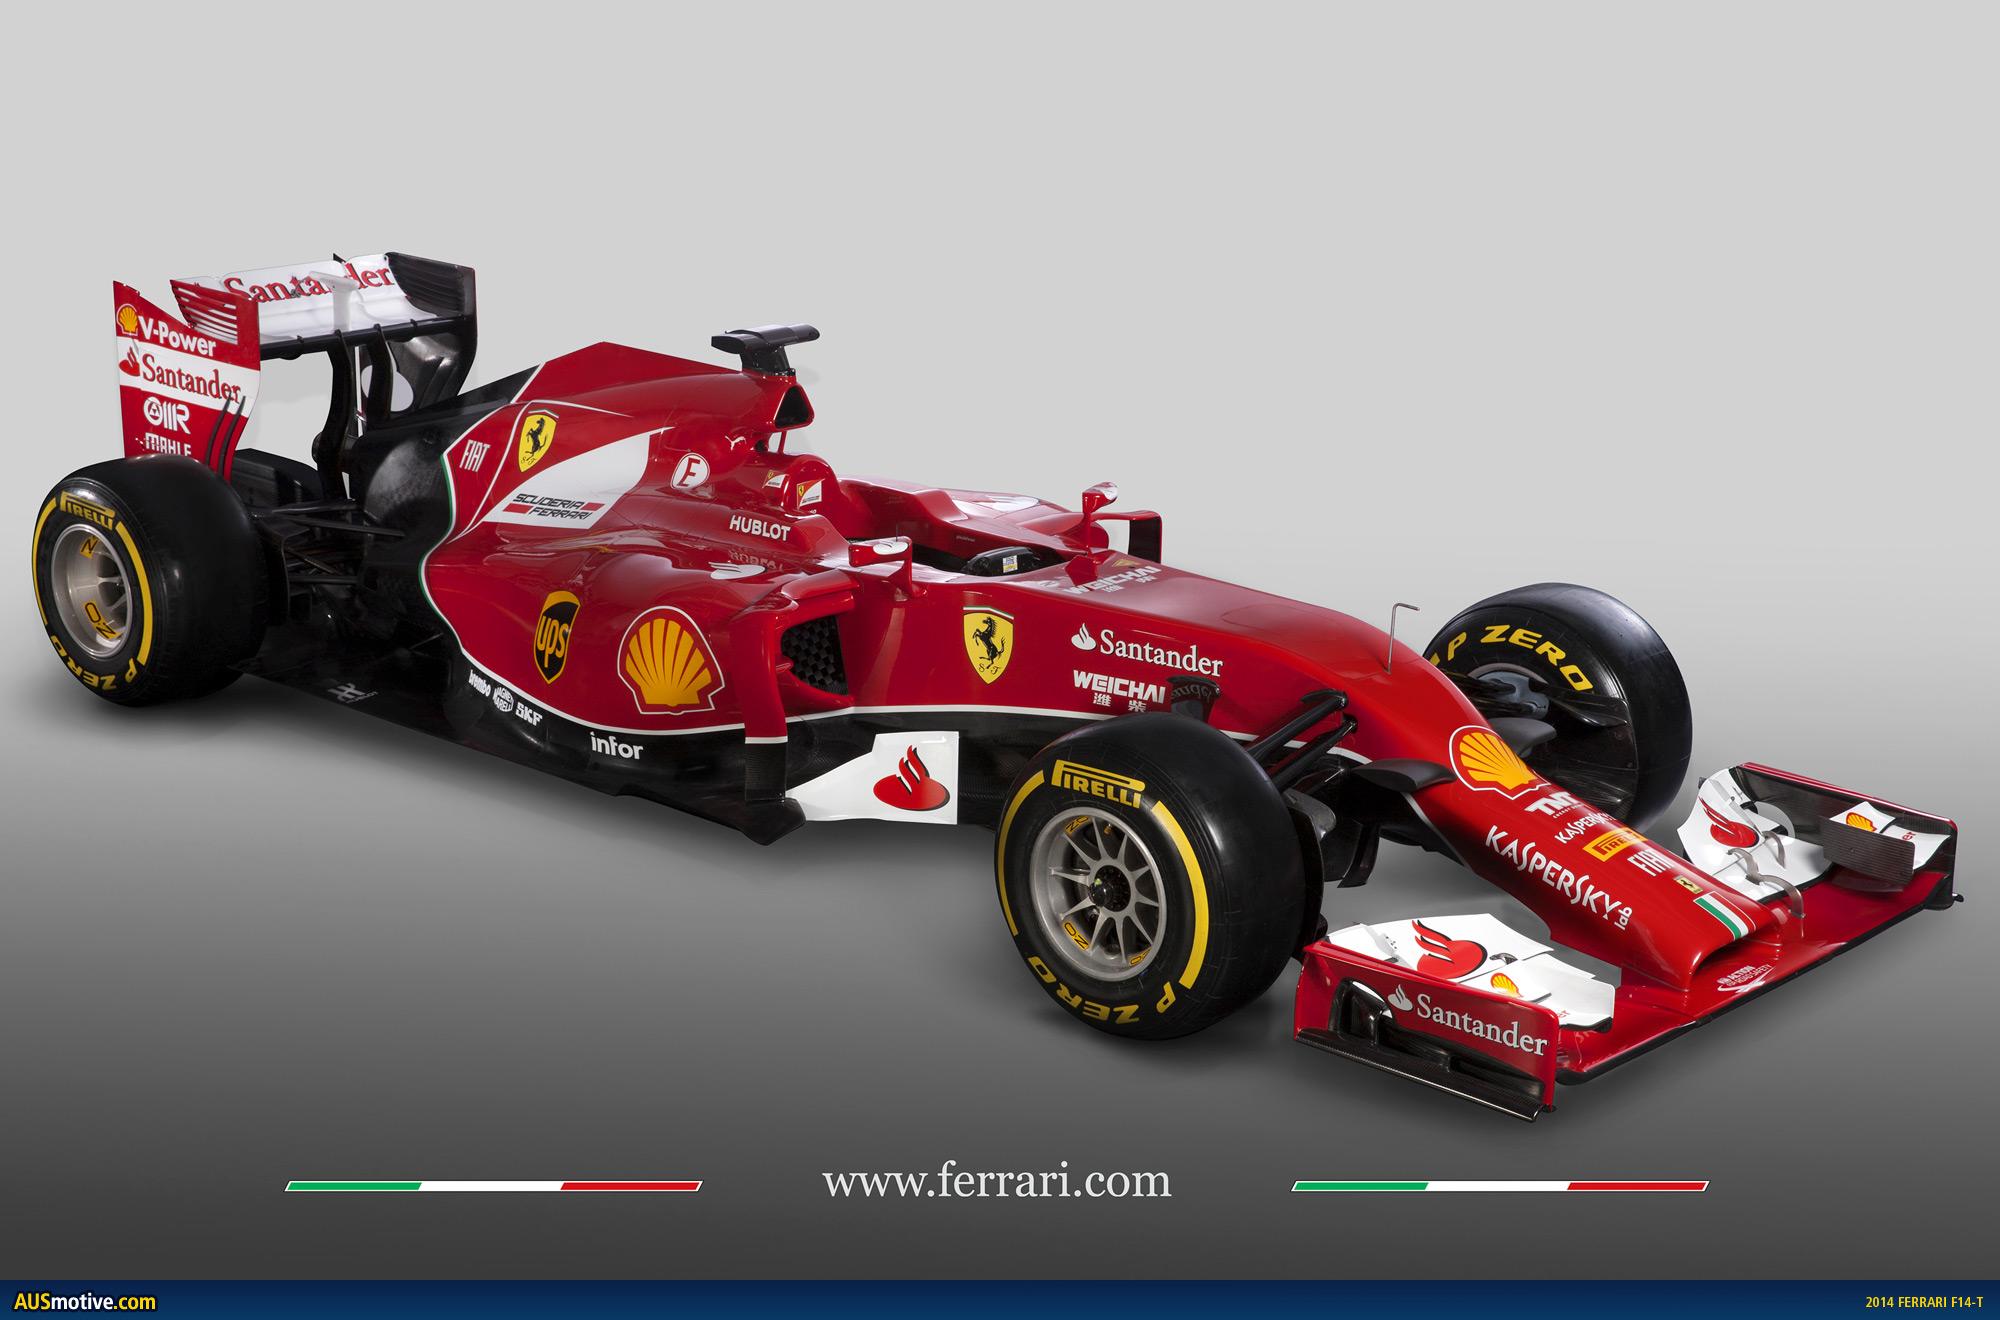 2014 Ferrari F14 T